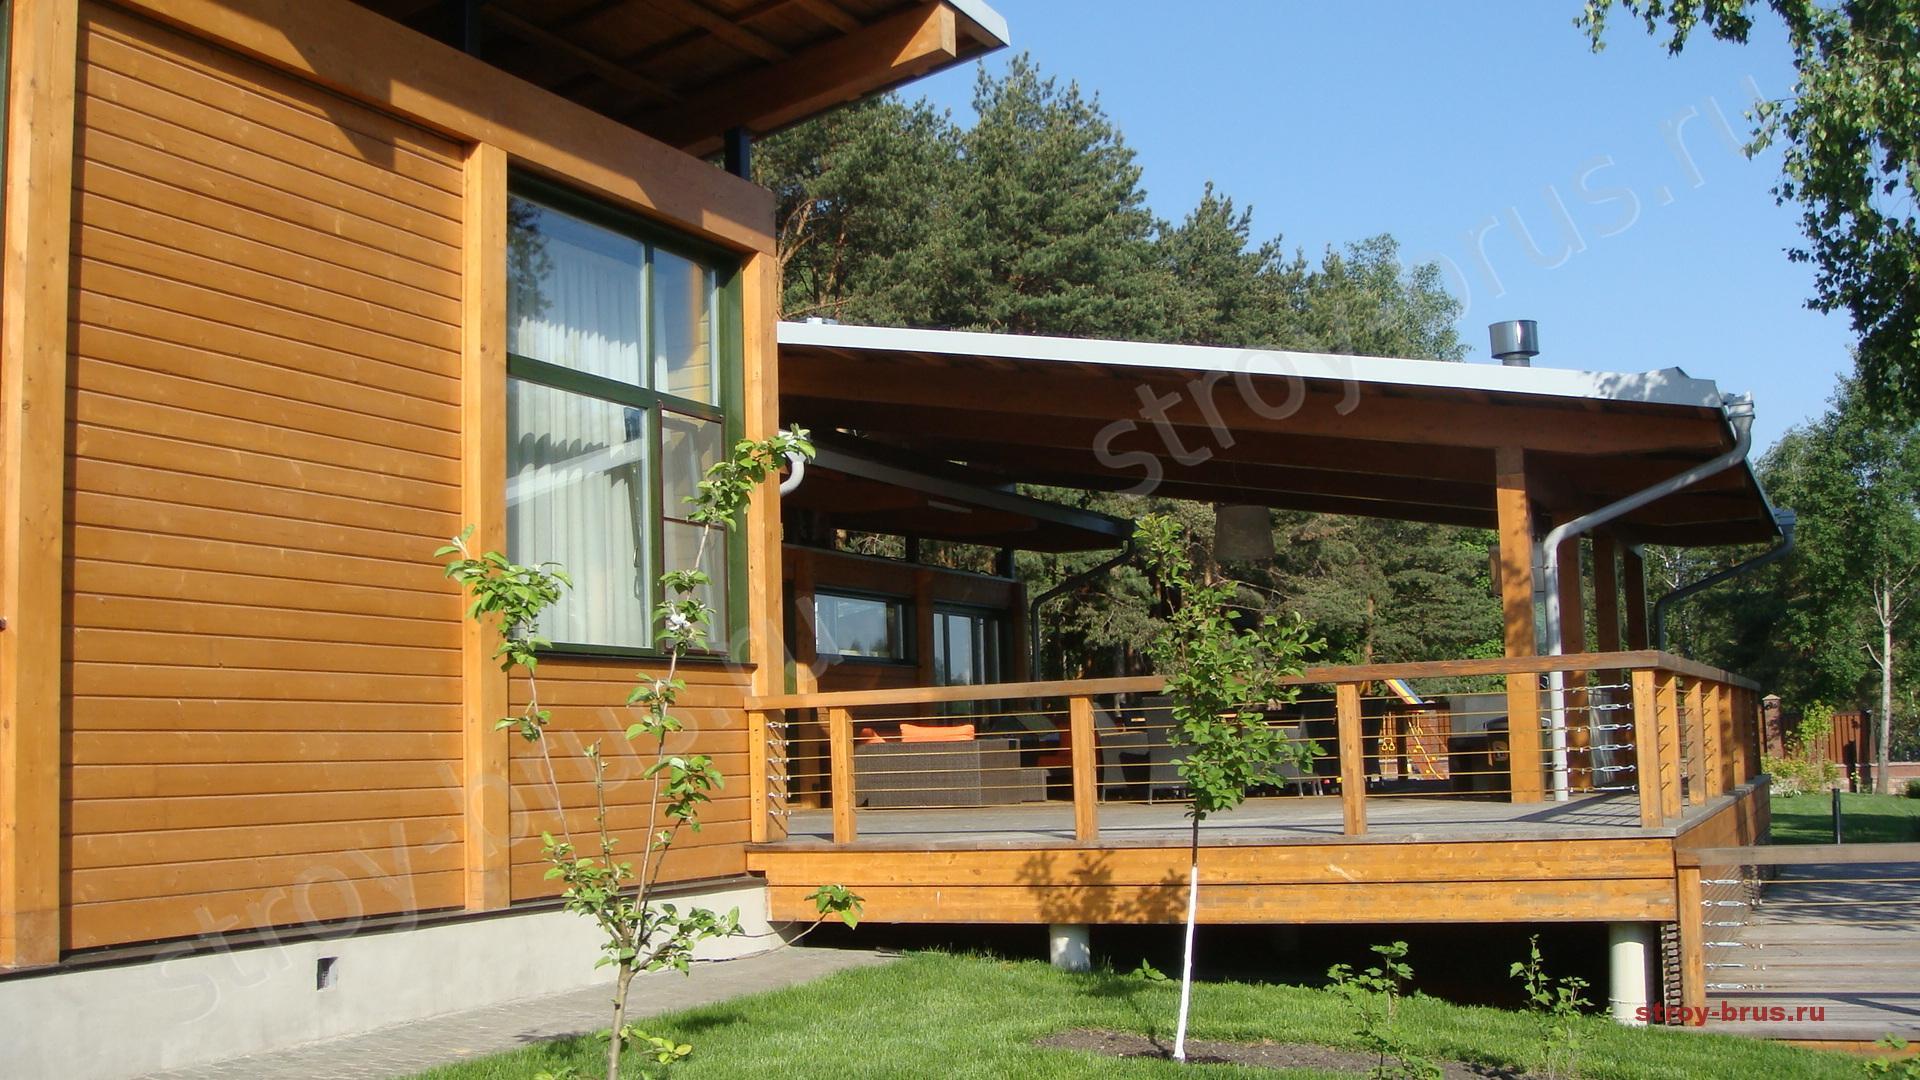 Веранда, пристроенная к дому : виды, дизайн и строительство своими руками